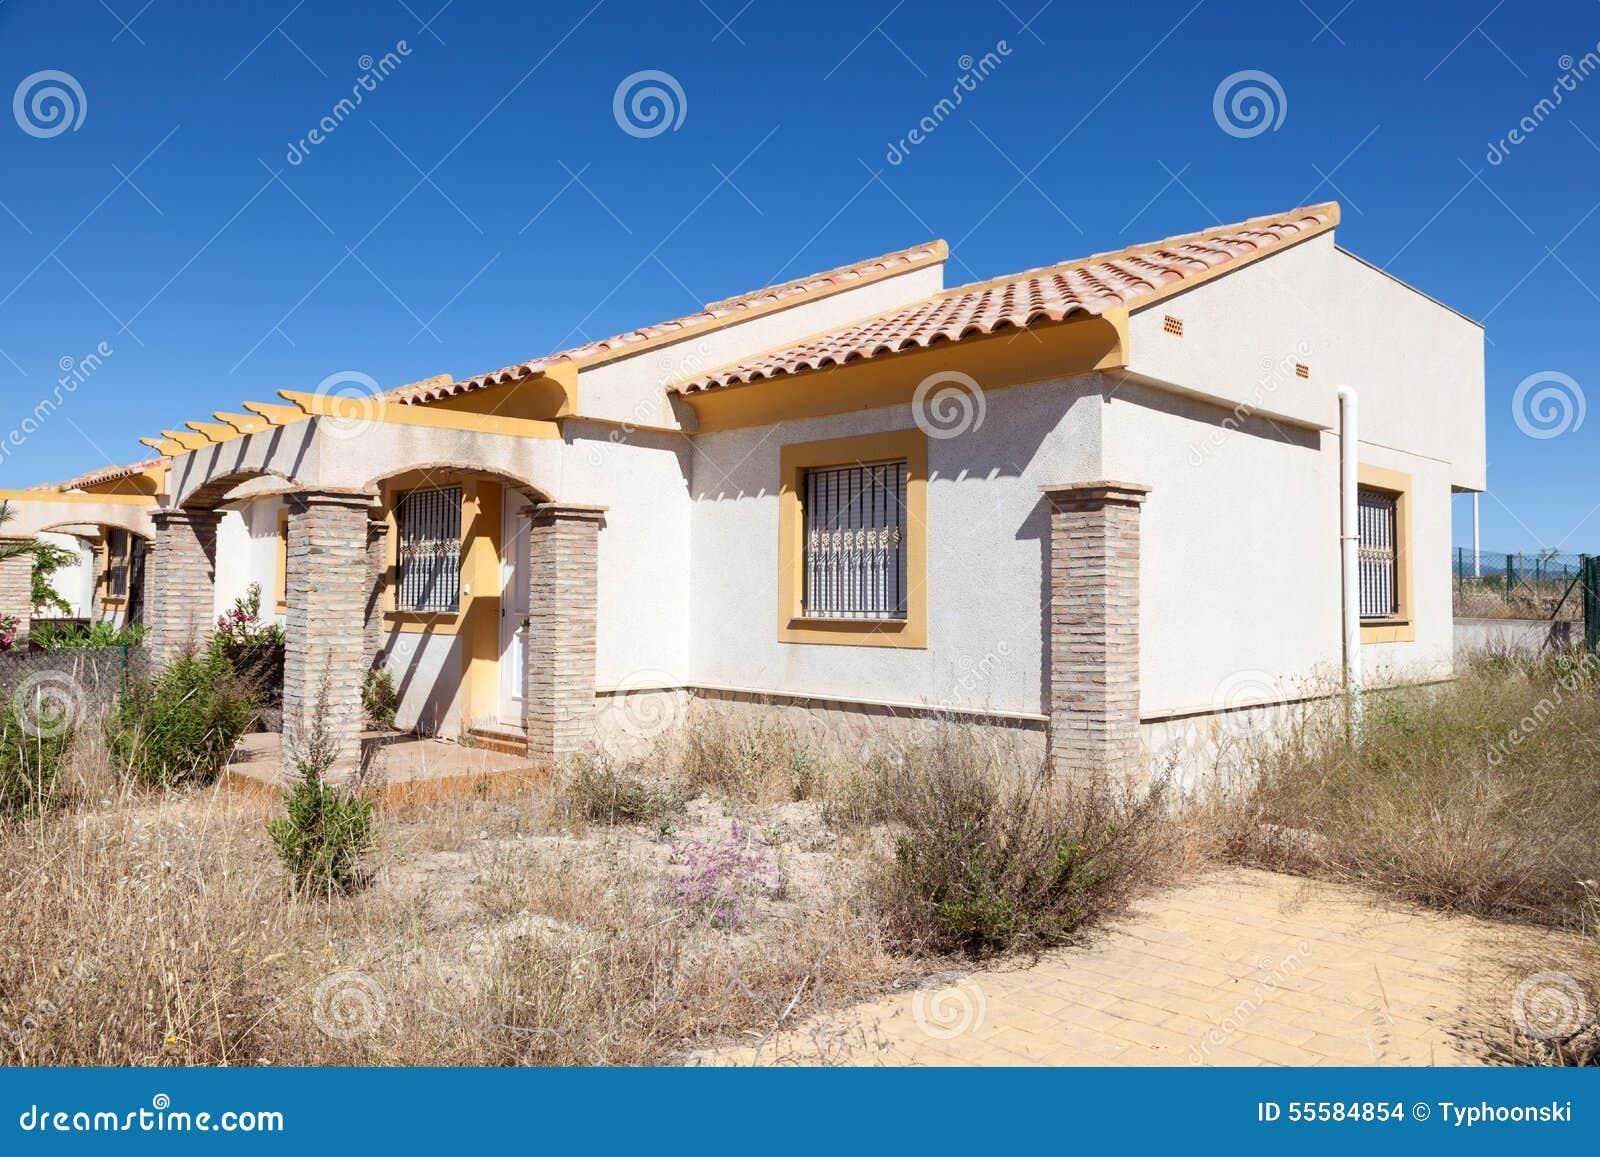 Abandoned Homes Stock Photo Image 55584854